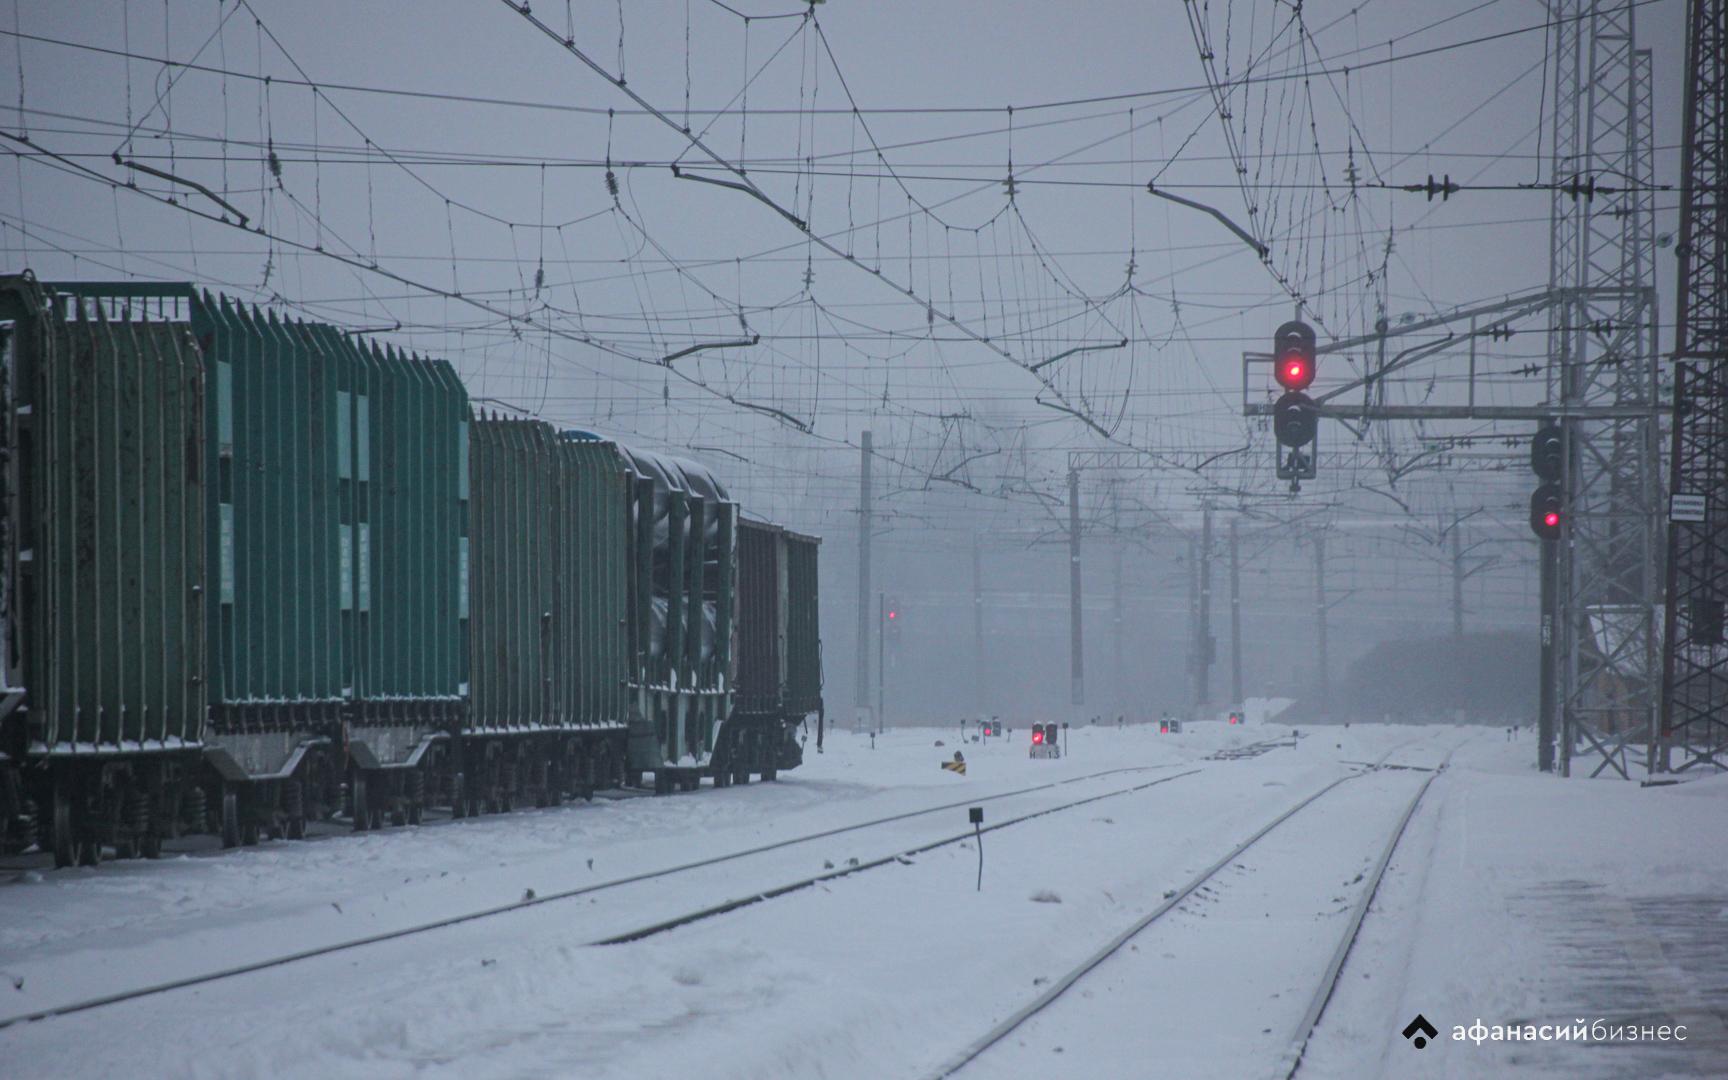 Строительство скоростной железнодорожной магистрали в Тверской области могут софинансировать из средств ФНБ - новости Афанасий